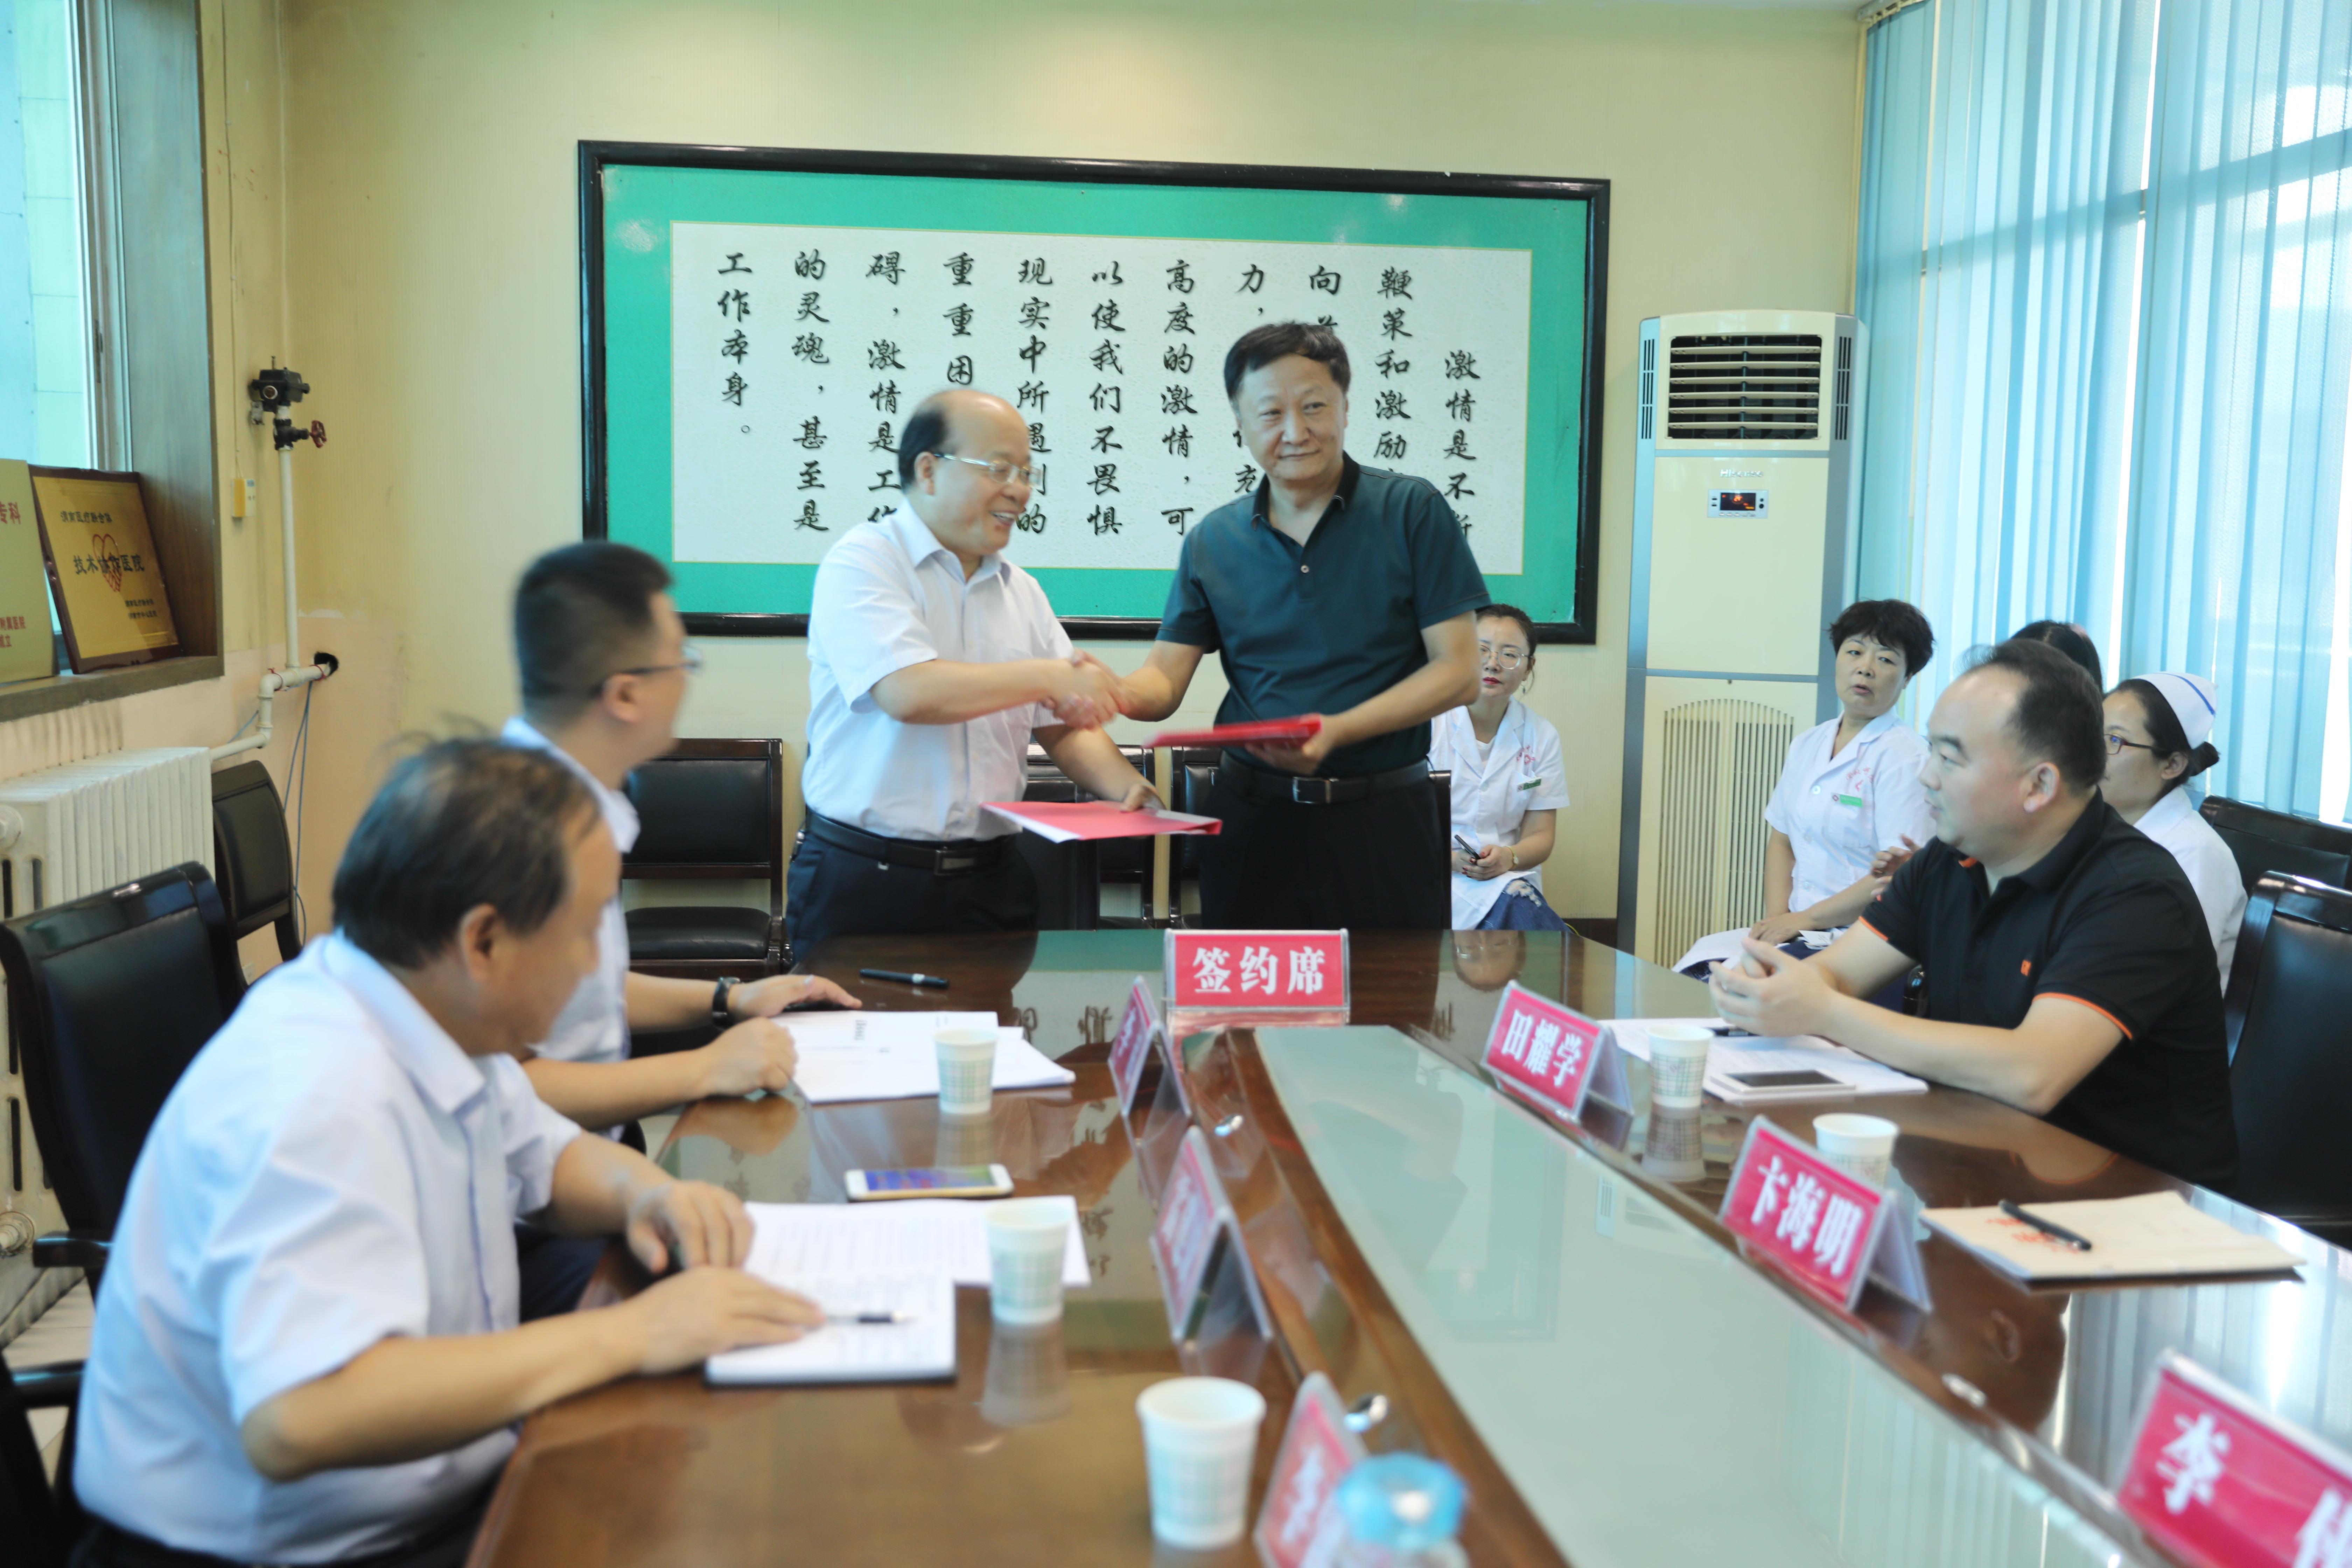 陕西省中西医结合医院暨西安市第五医院对口帮扶澄城县中医院签约仪式举行